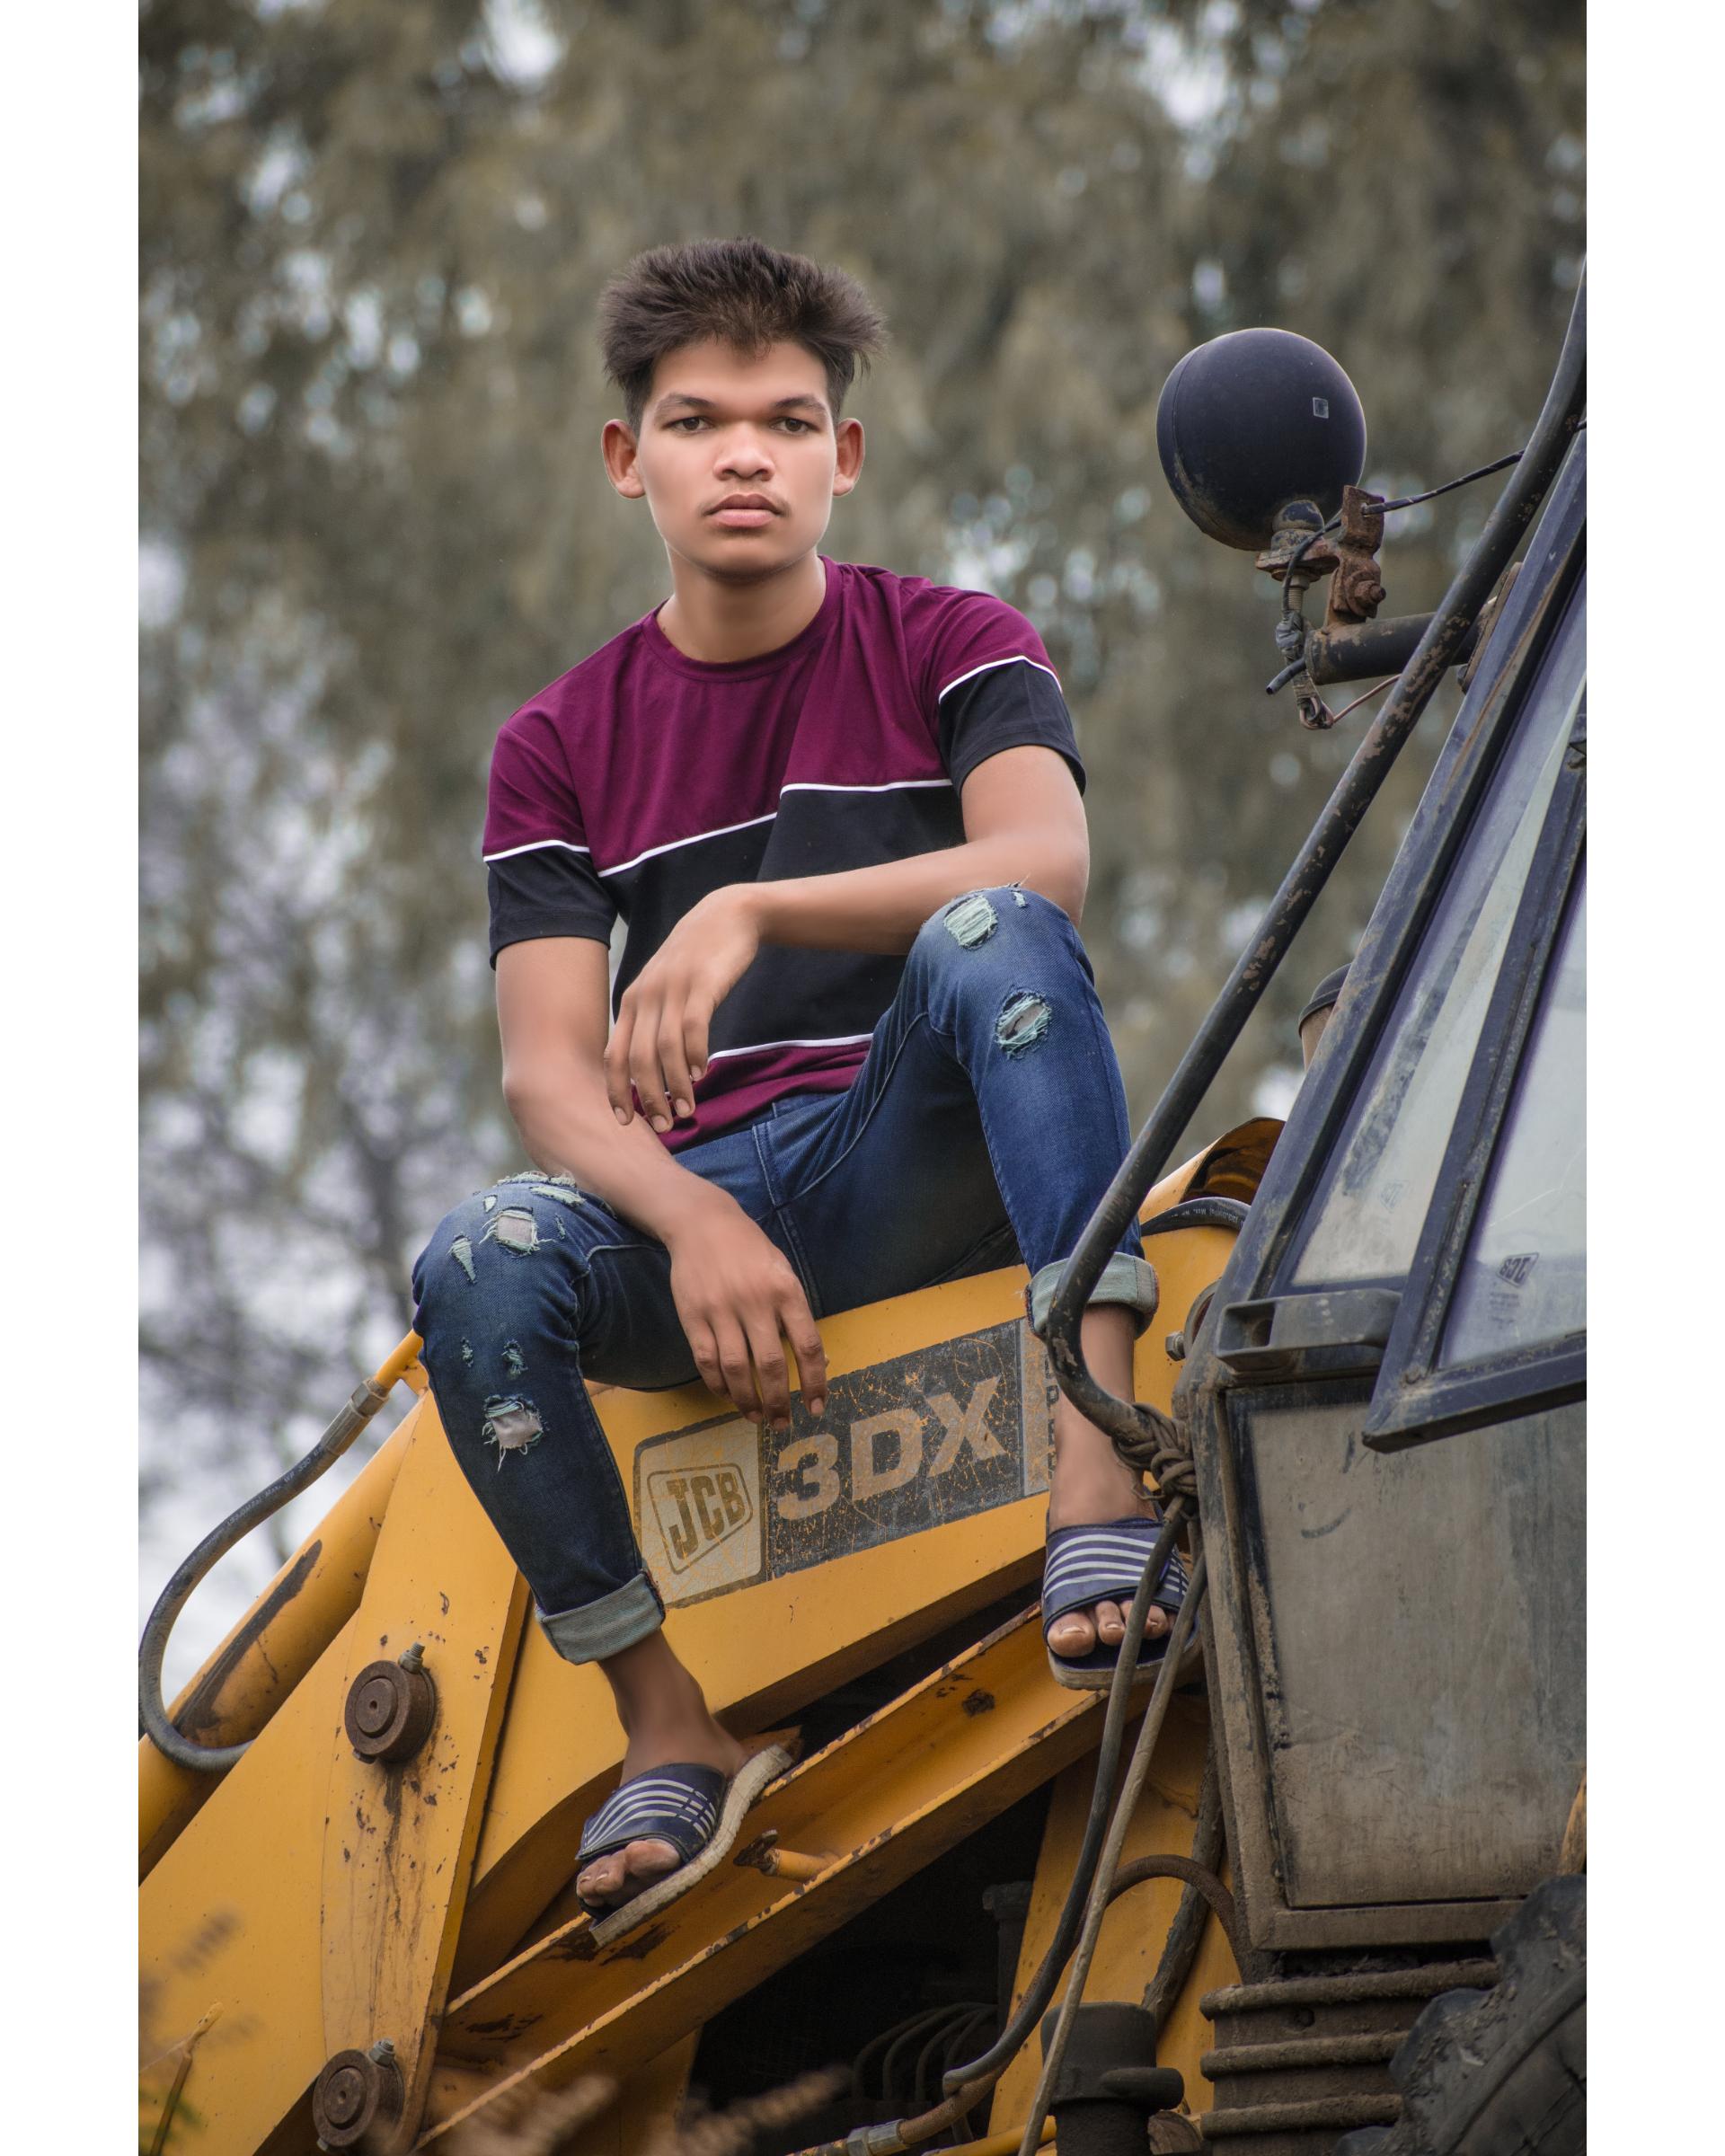 A boy on a JCB machine